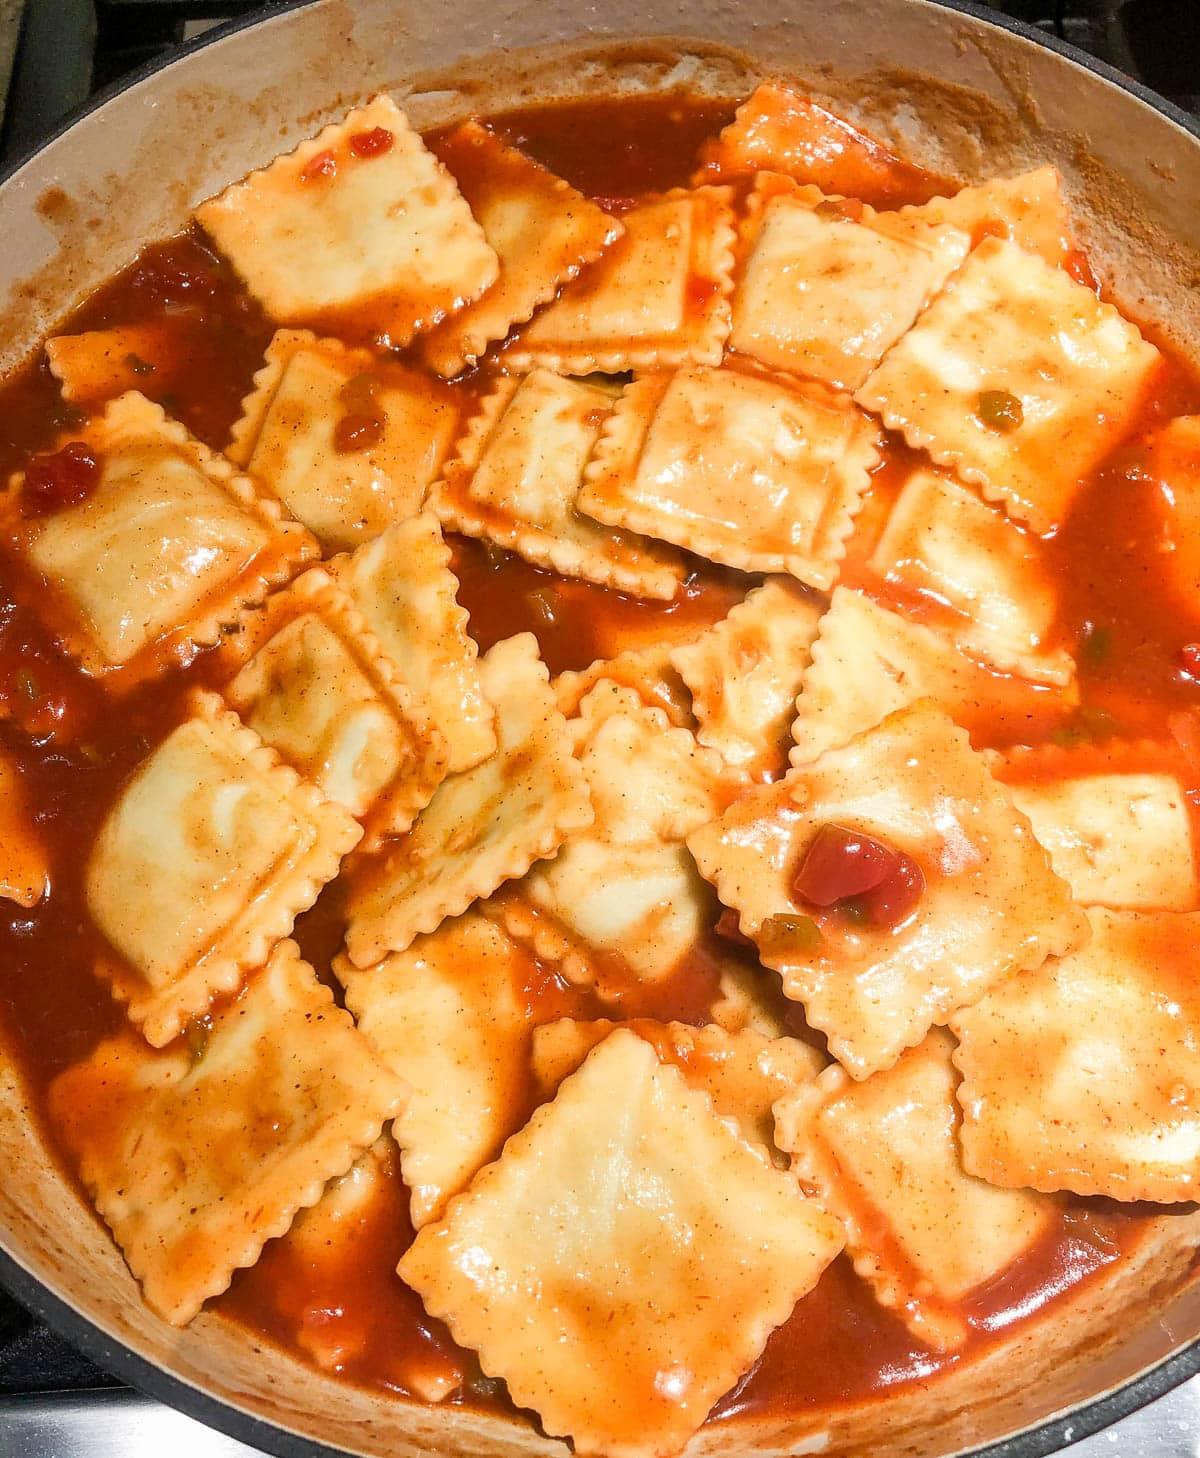 frozen beef ravioli in red sauce